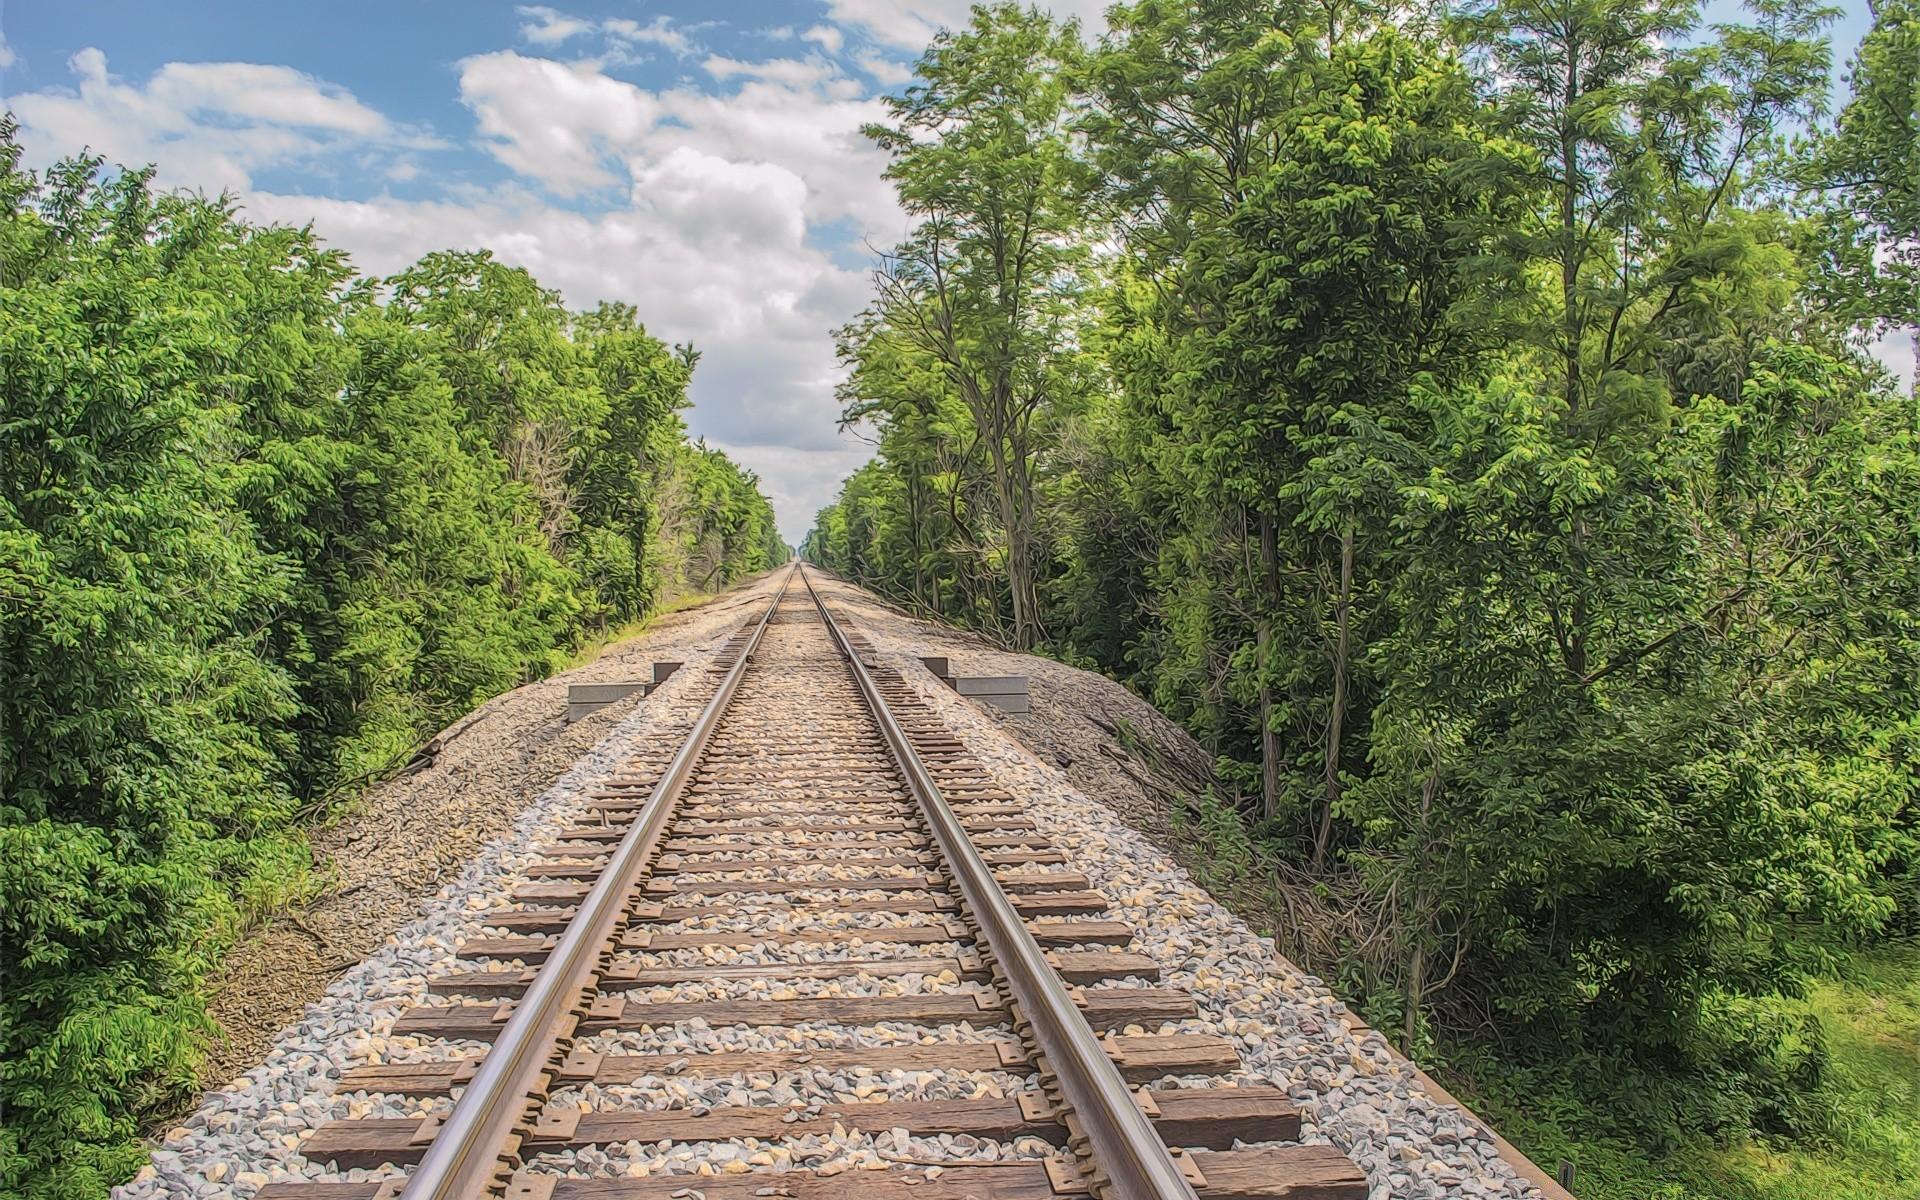 вуали карнавал смотреть фотографии железной дороги приняла строгие